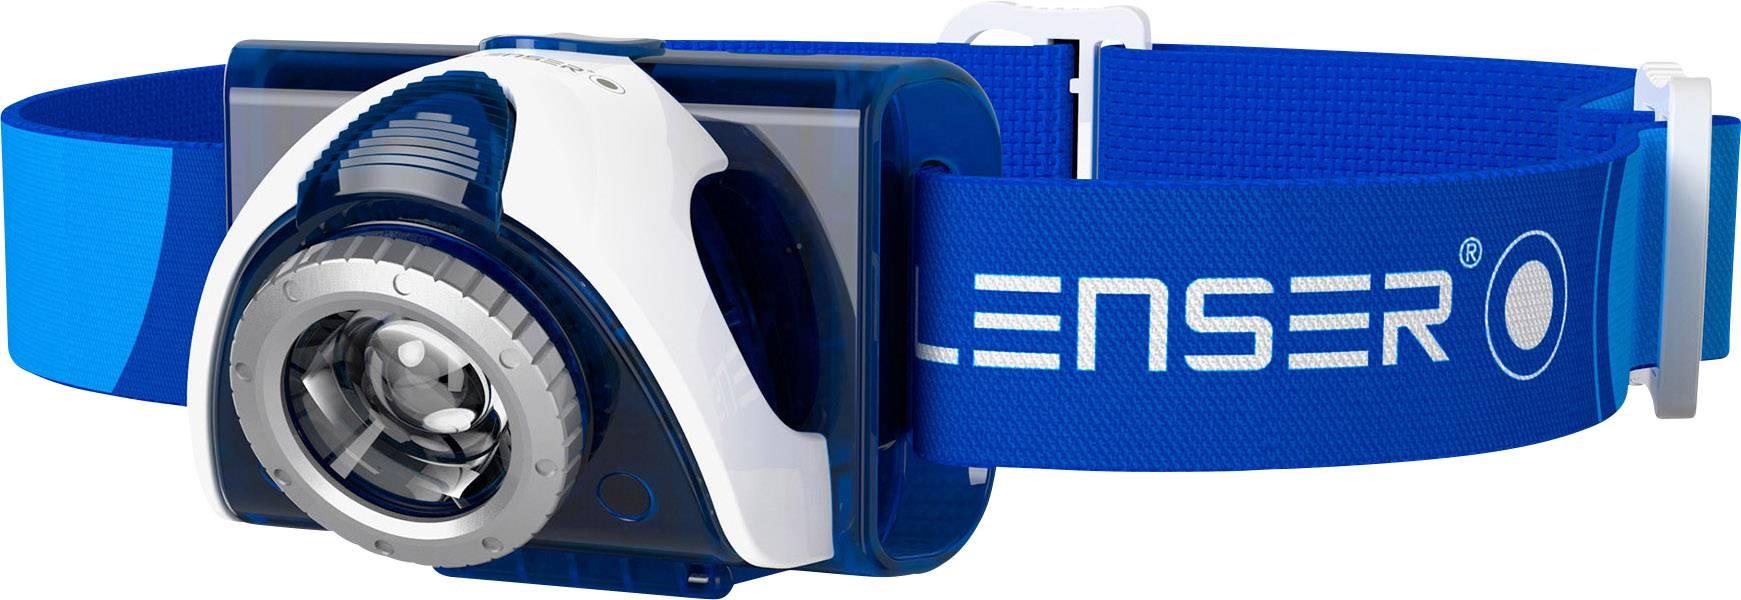 LED čelovka Ledlenser SEO 7R 6107-R, napájanie z akumulátoru, 93 g, modrá